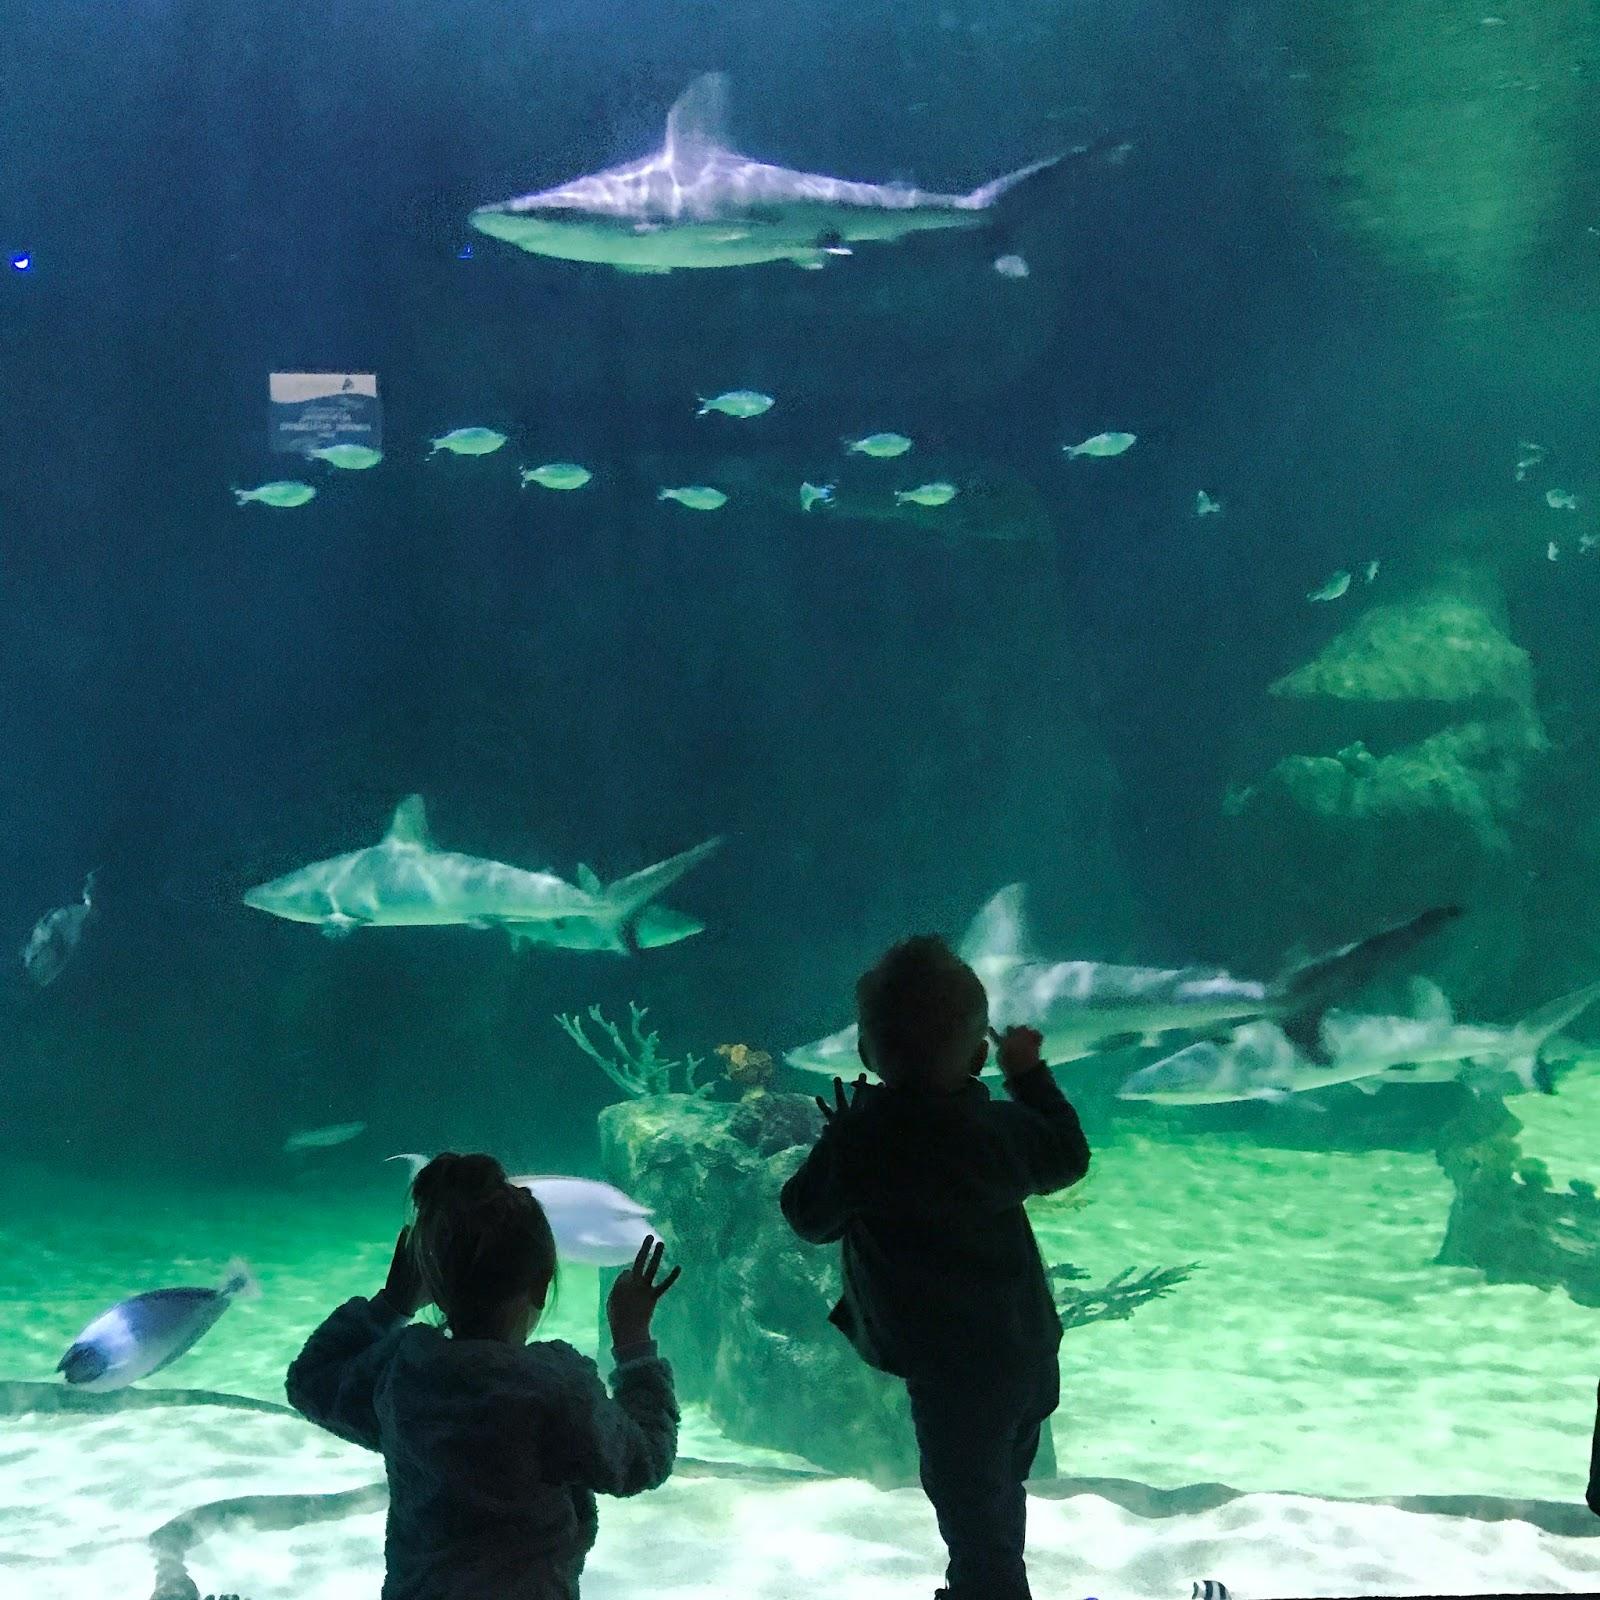 The Andrus Family Aquarium